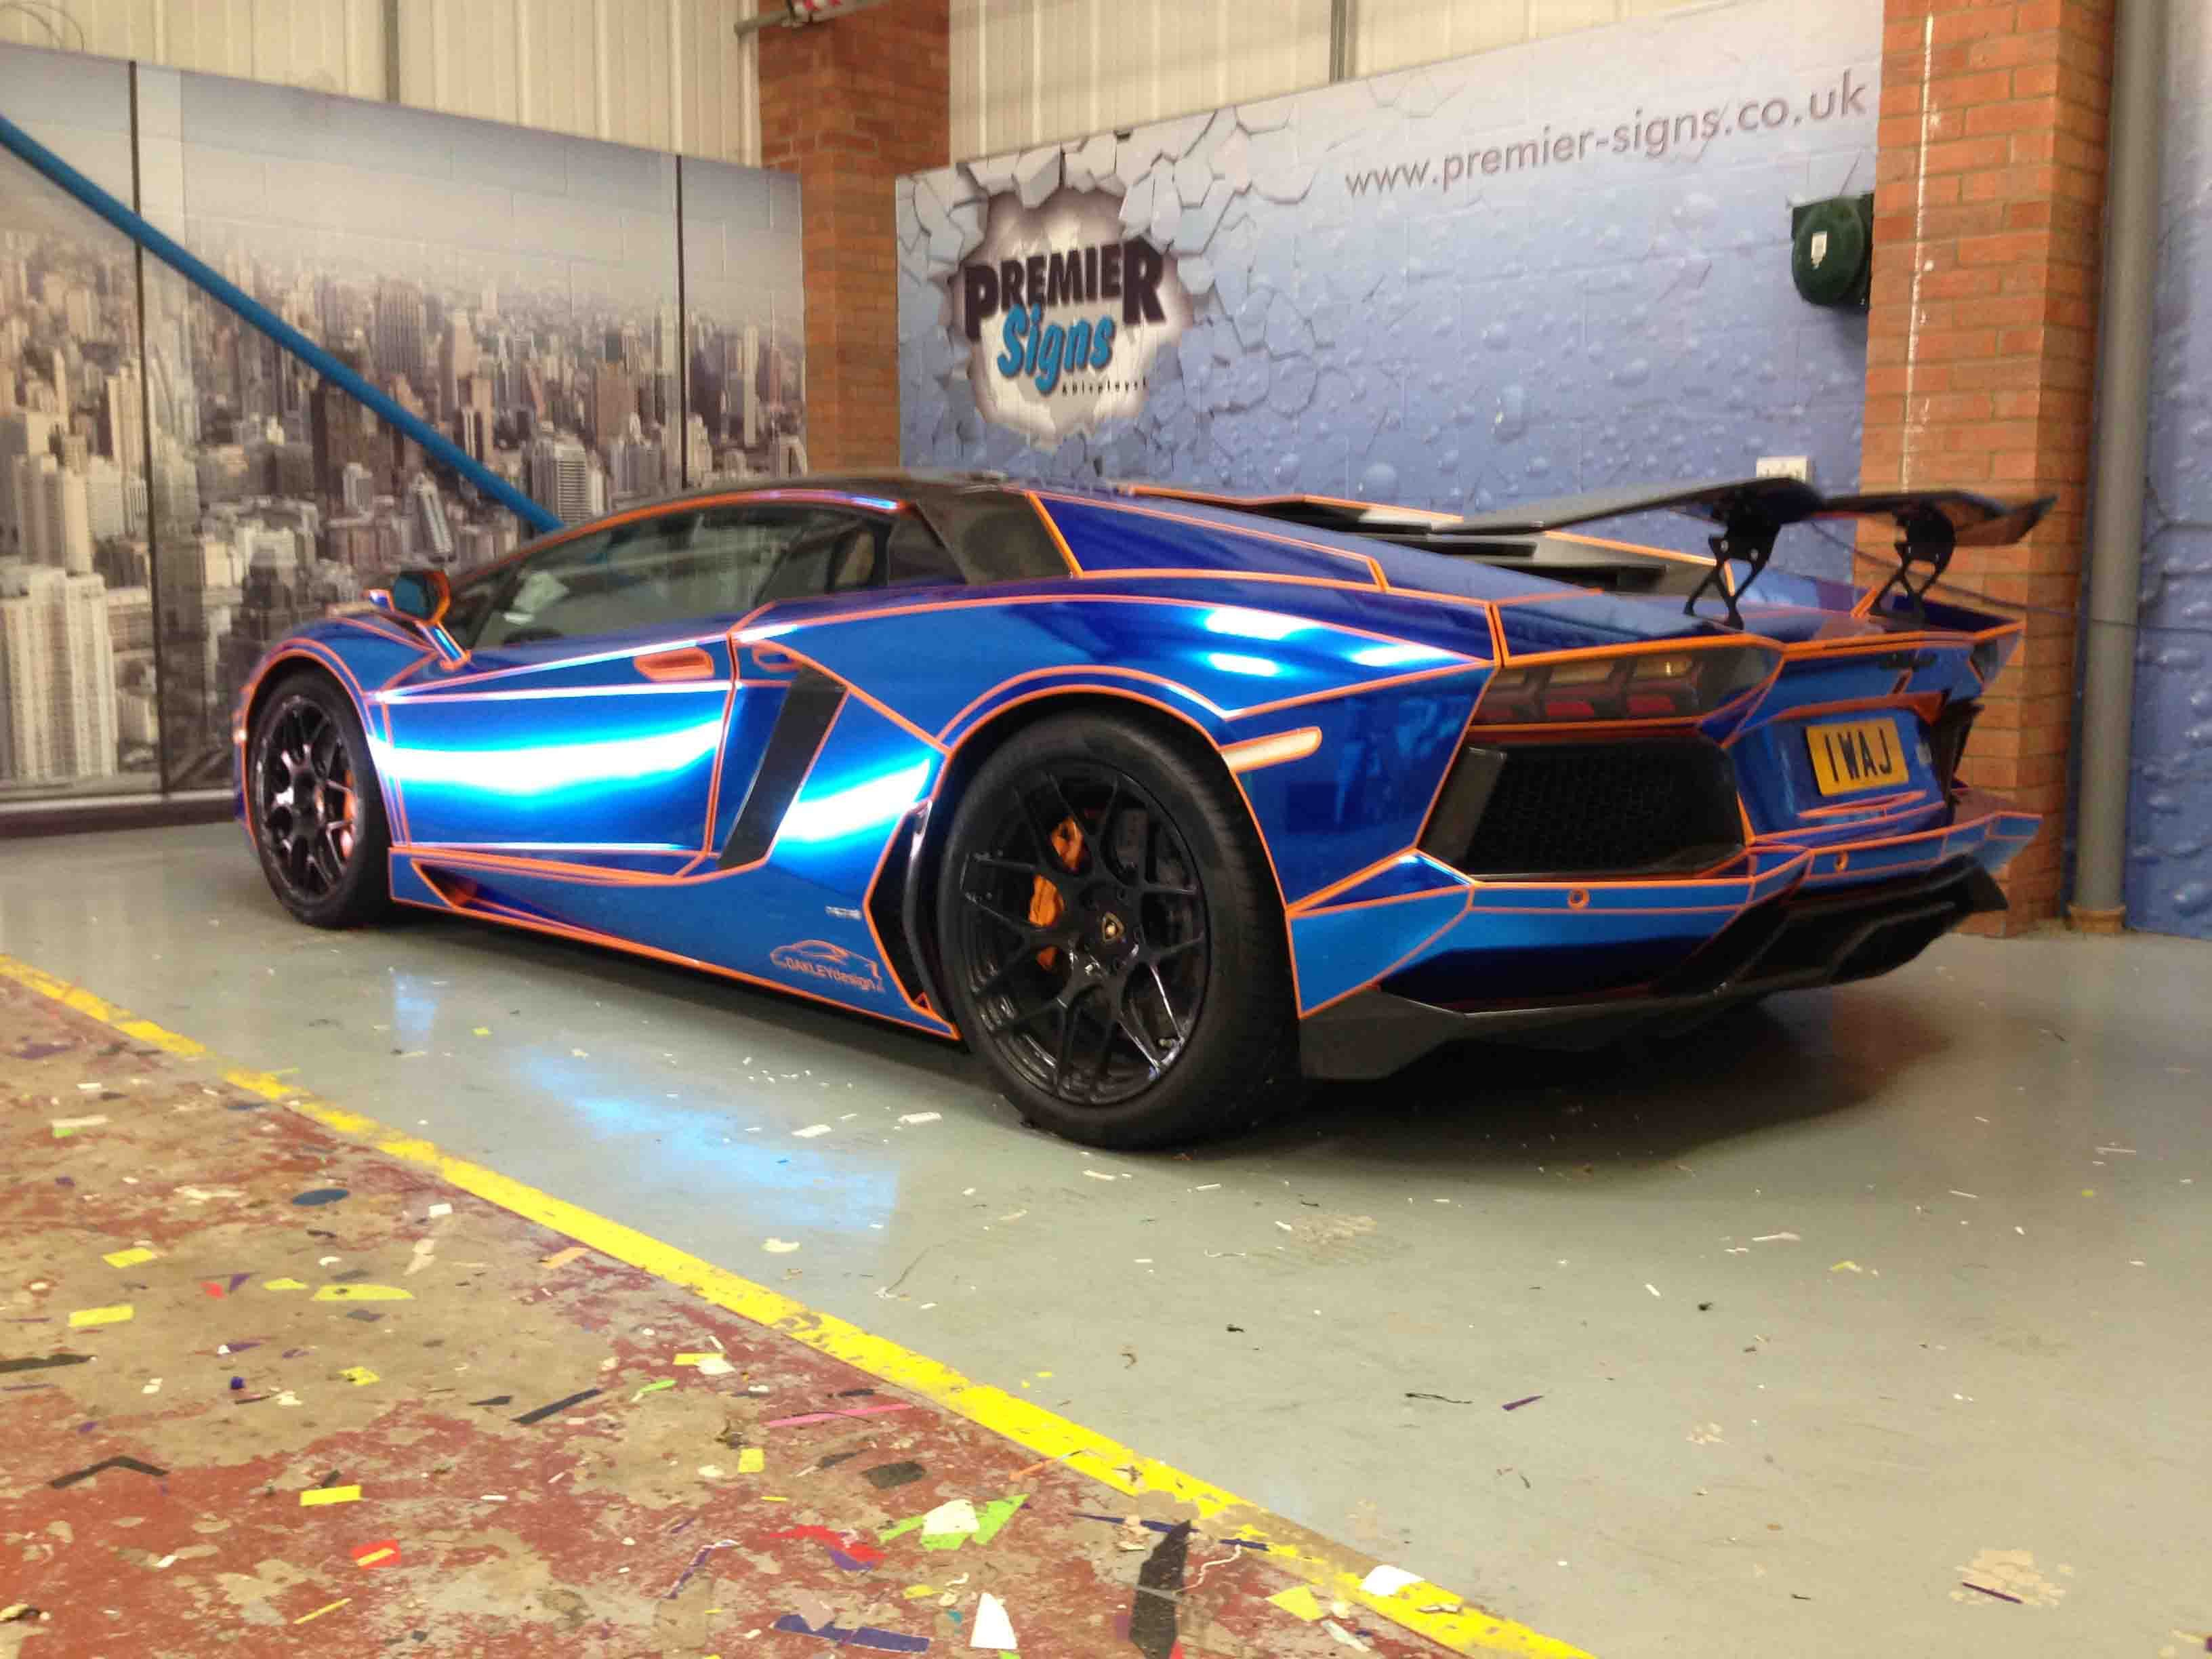 lamborghini blue chrome - Lamborghini Aventador Blue Chrome